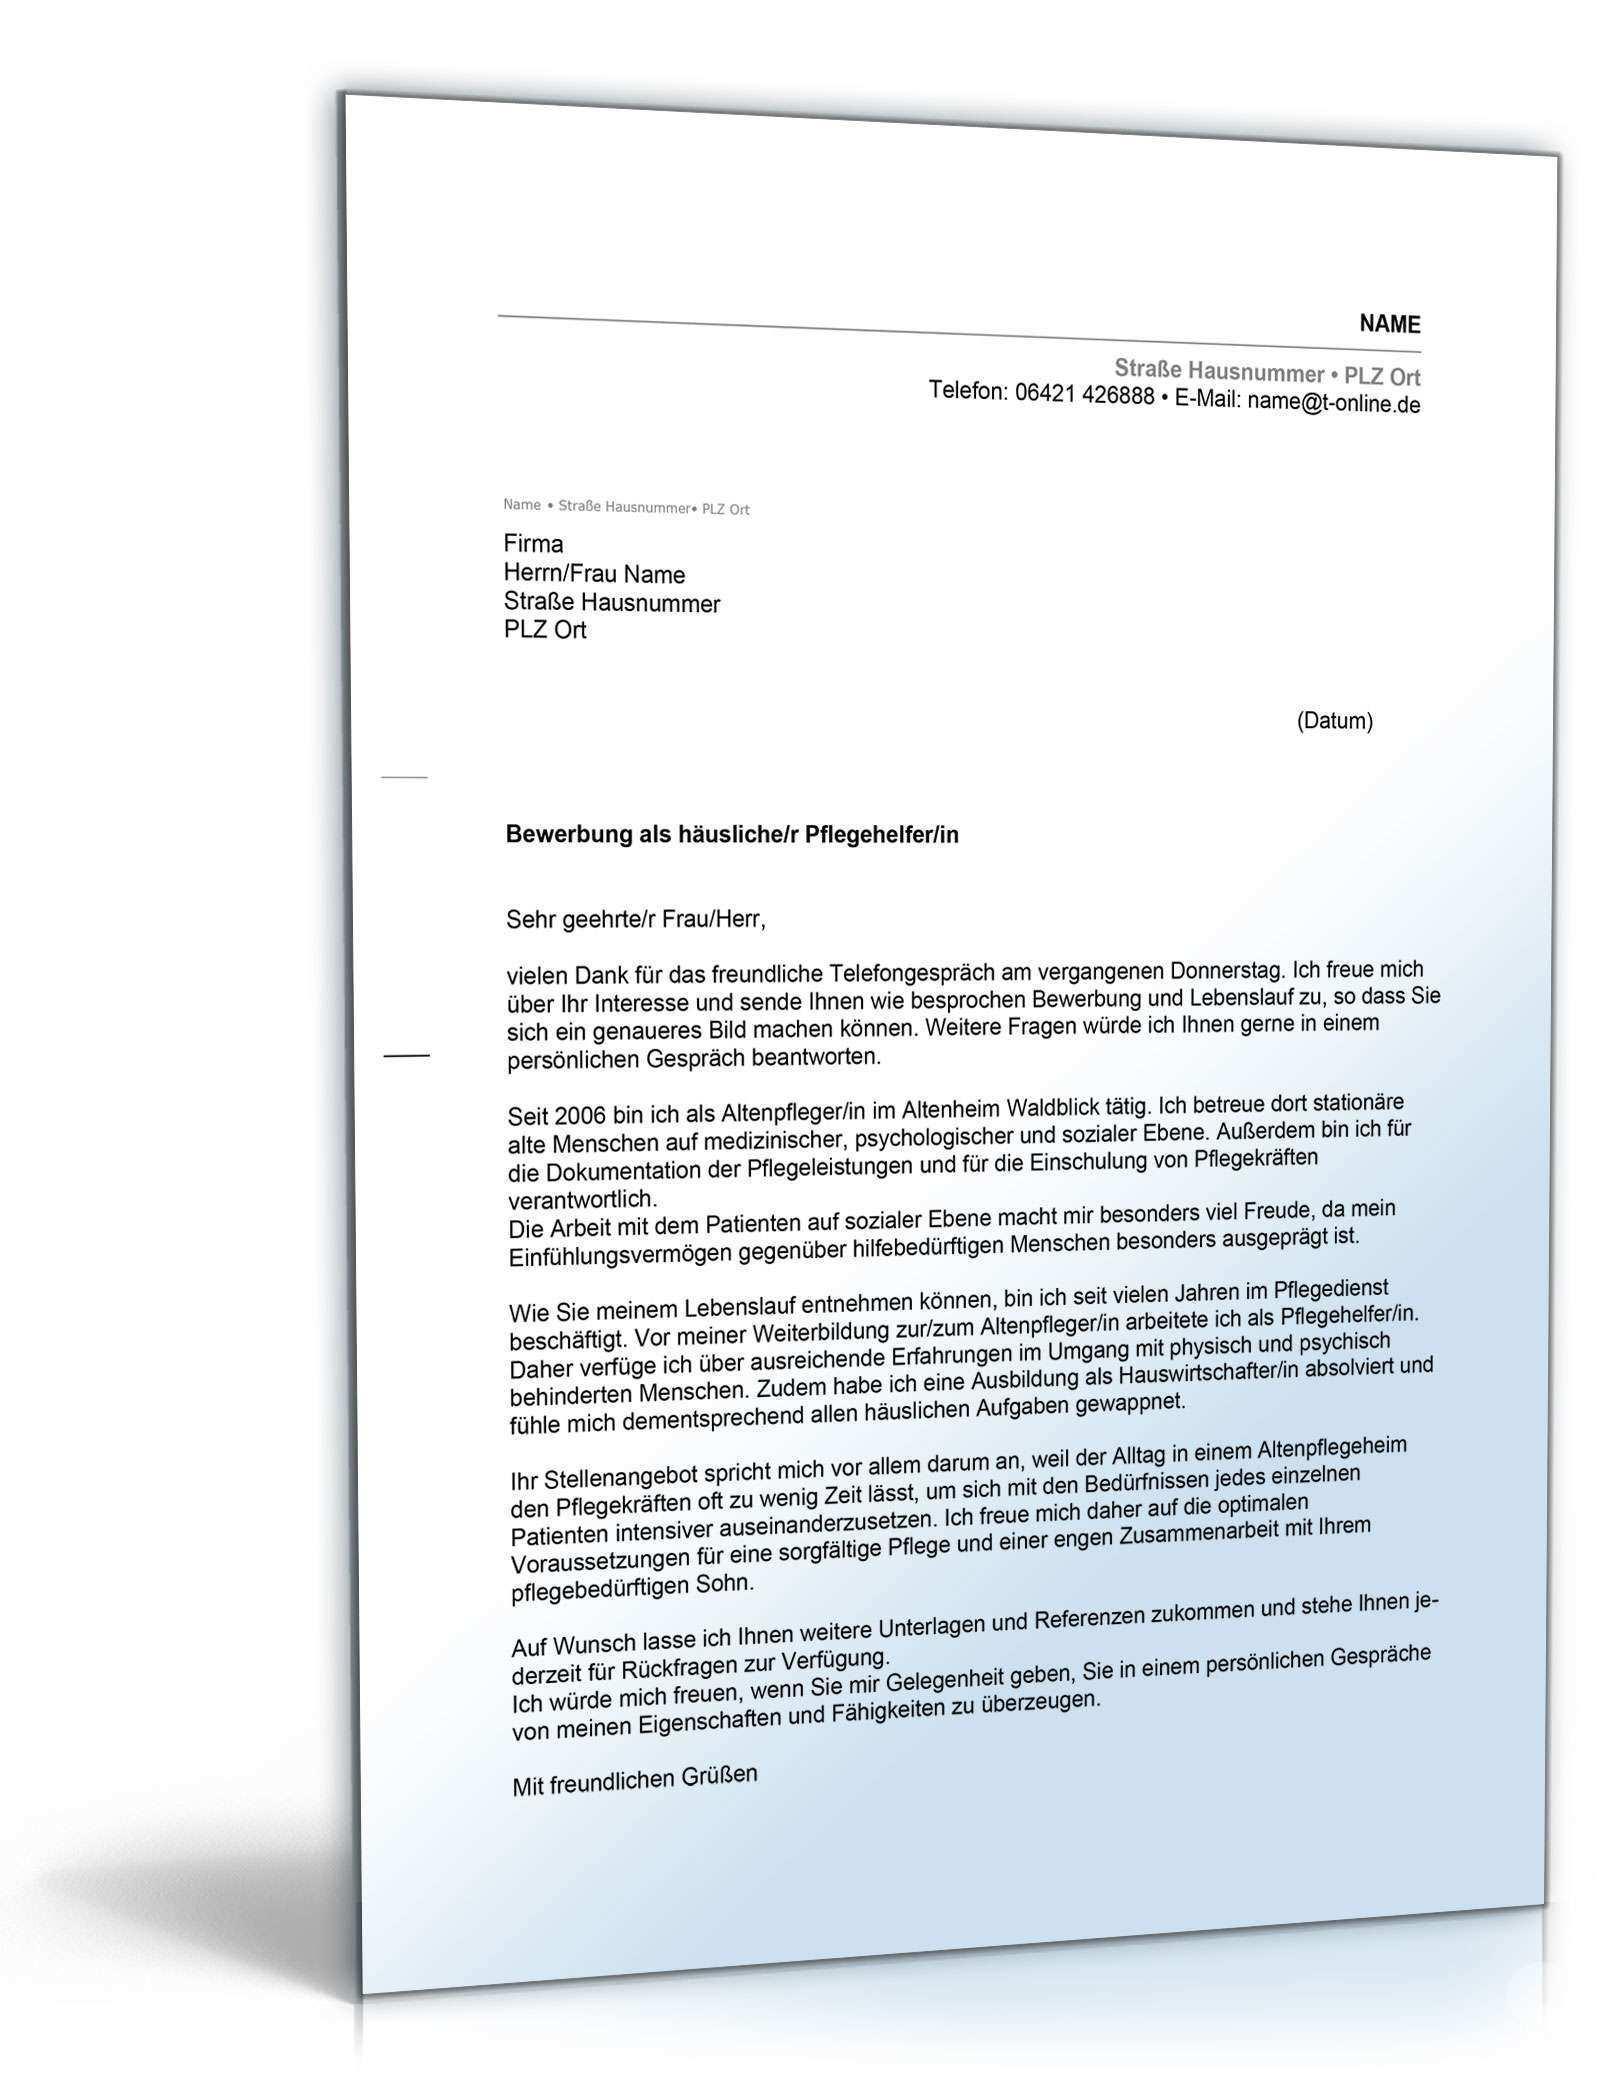 Anschreiben Bewerbung Pflegehelfer Muster Zum Download Bewerbung Anschreiben Muster Pflegehelfer Pflege In 2020 Document Templates Resume Template Free Templates